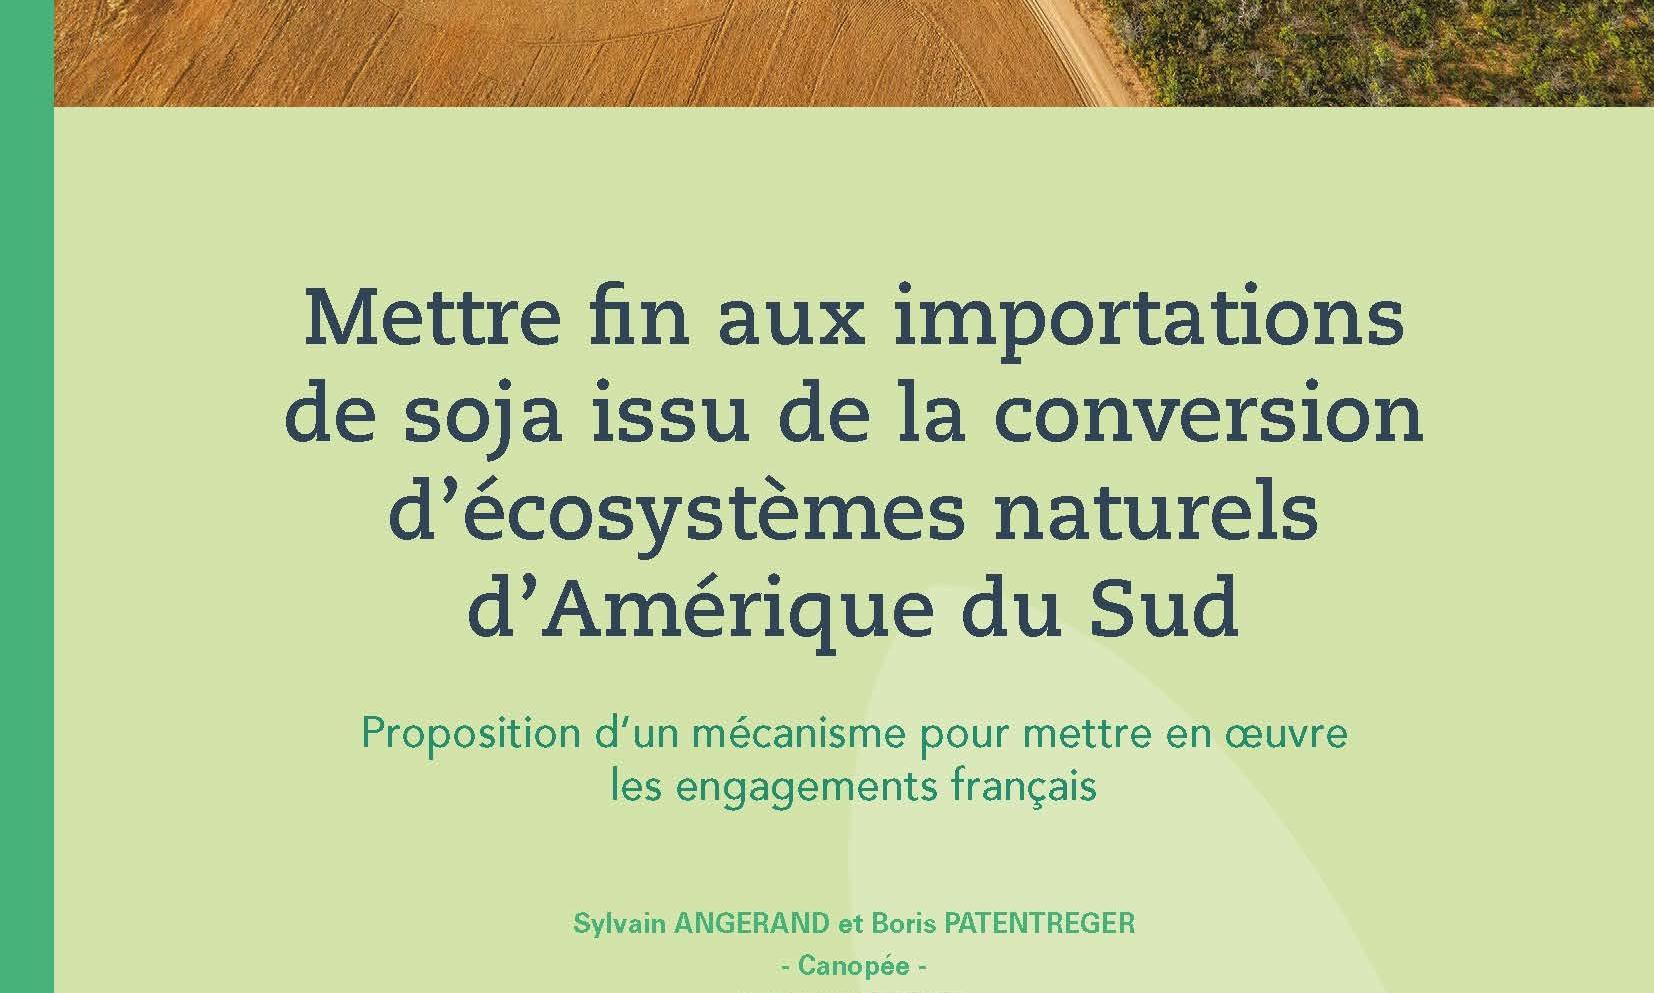 impacts-economiques-sociaux-et-environnementaux-de-la-deforestation-importee-de-la-sndi-soja-au-bresil